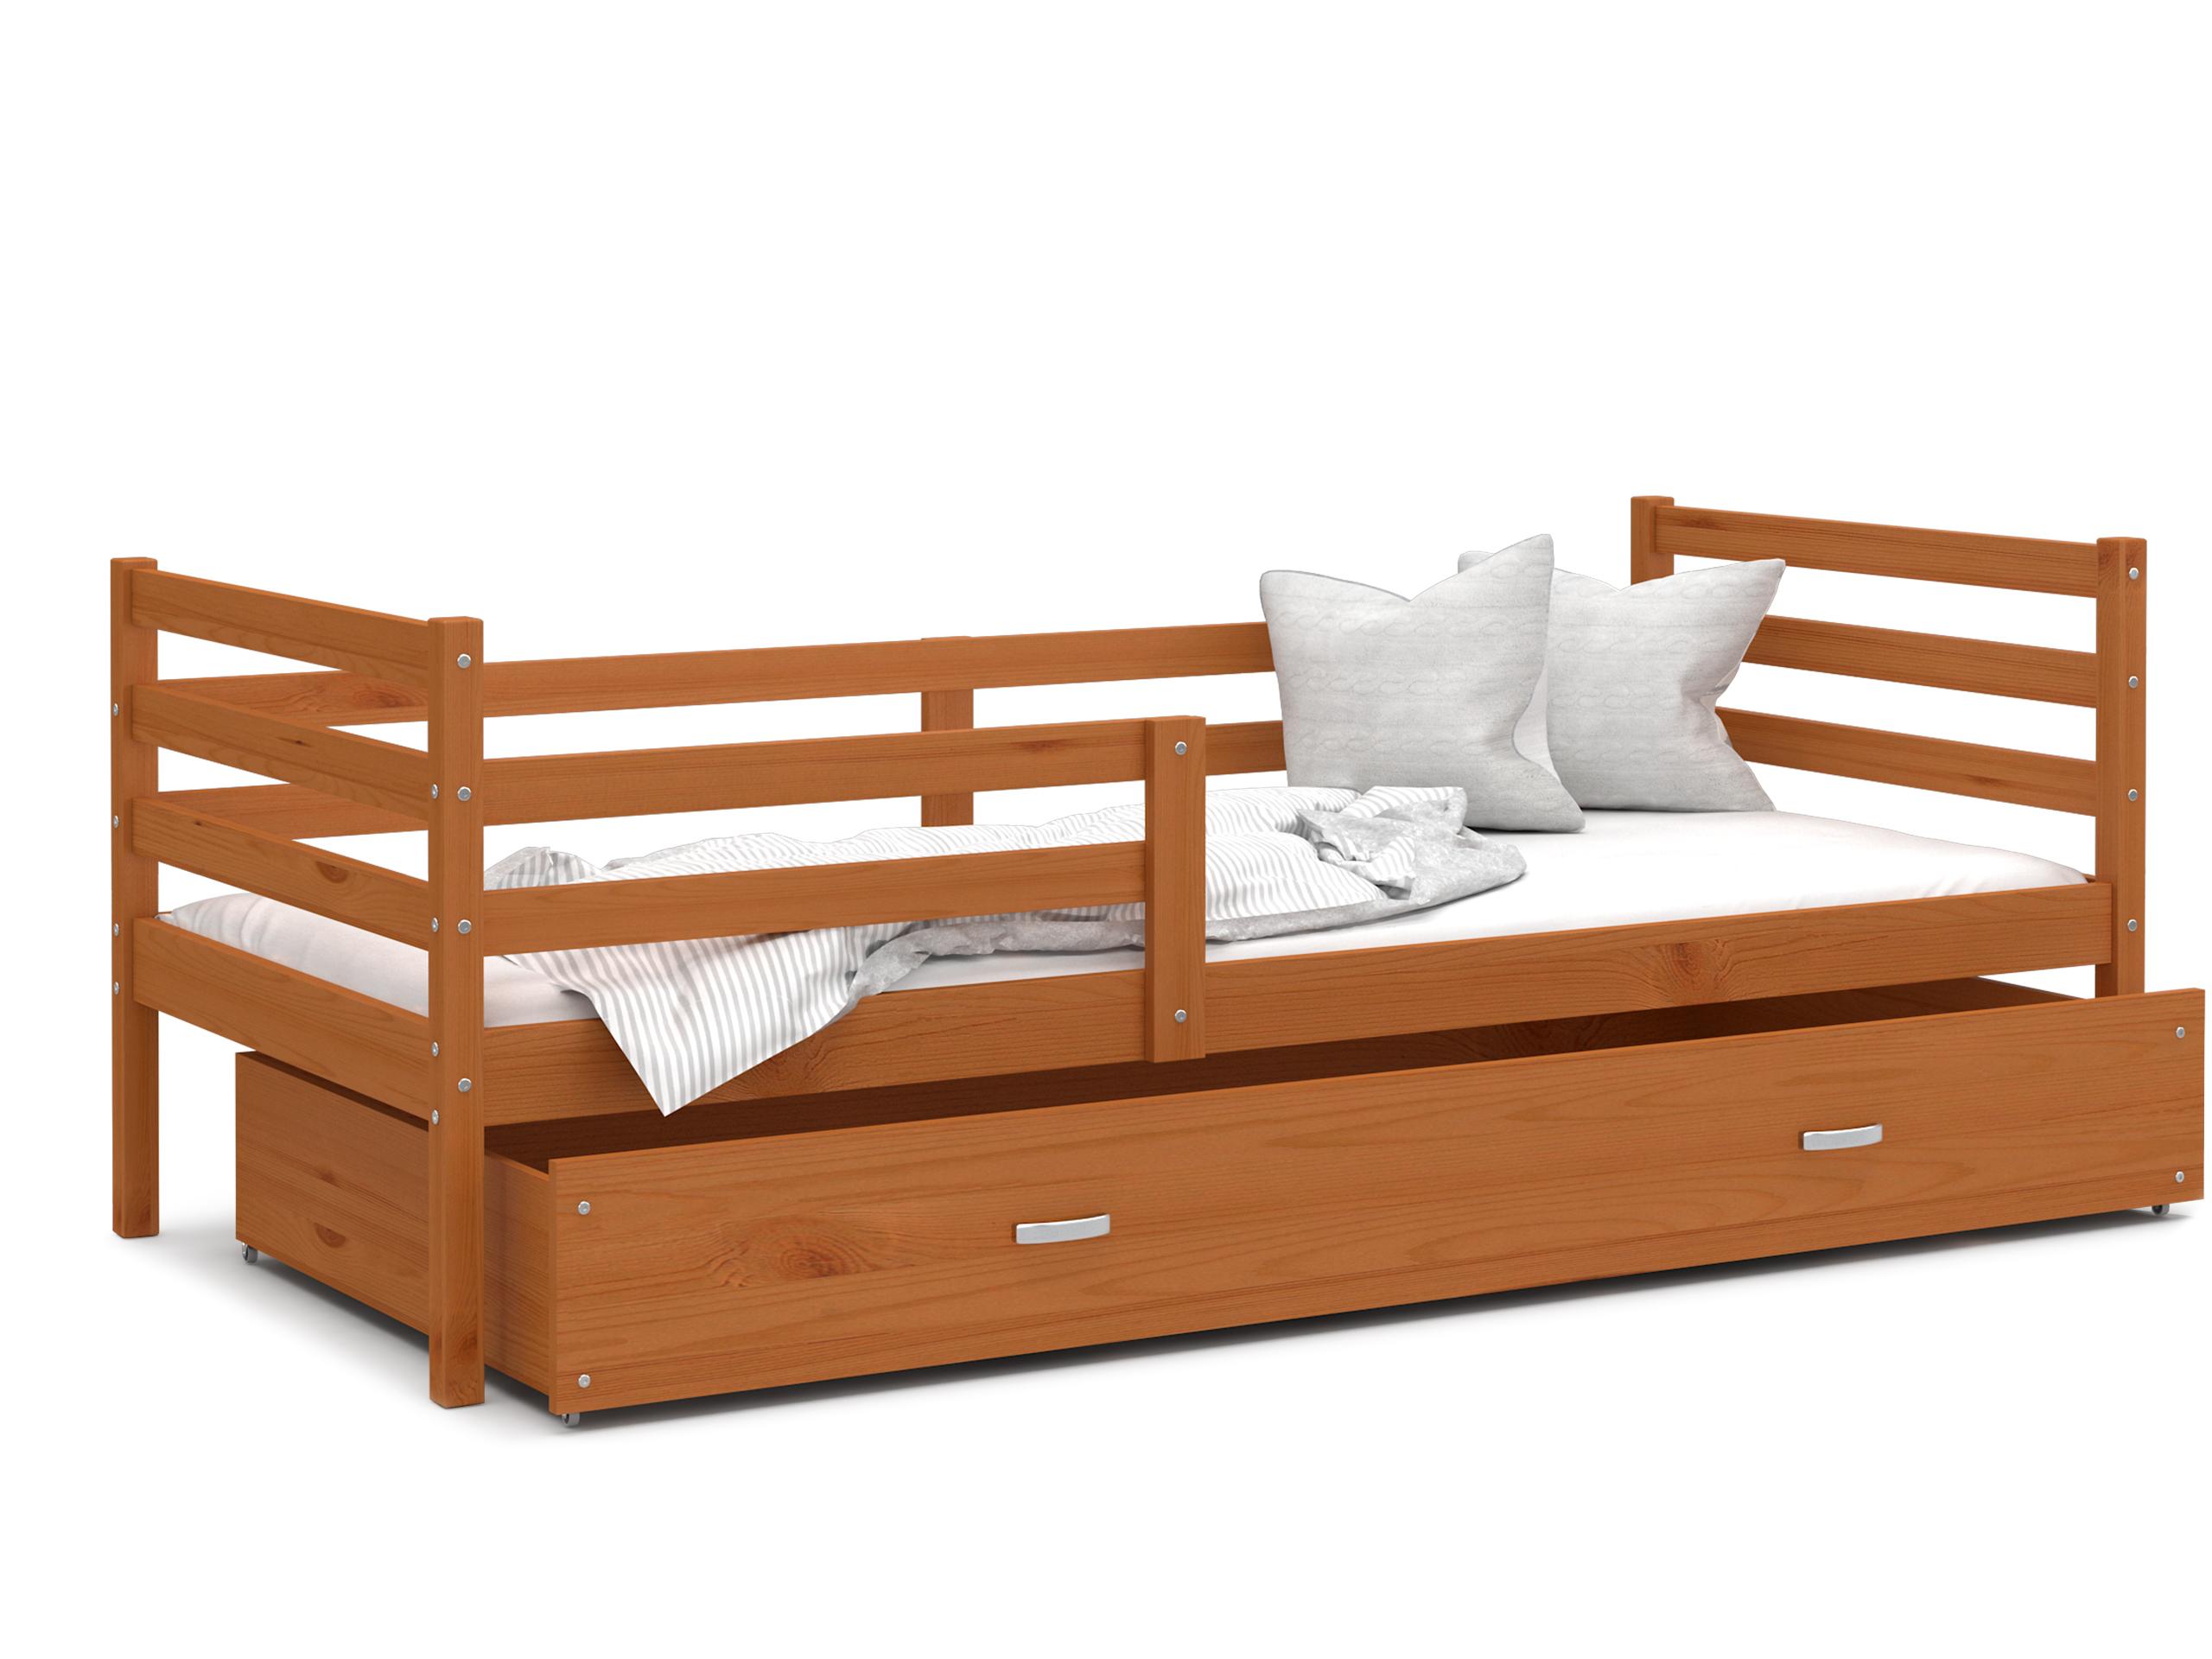 ArtAJ Detská posteľ JACEK P   190 x 80 cm Farba: Jelša, Prevedenie: bez matraca, Rozmer, materiál: drevo